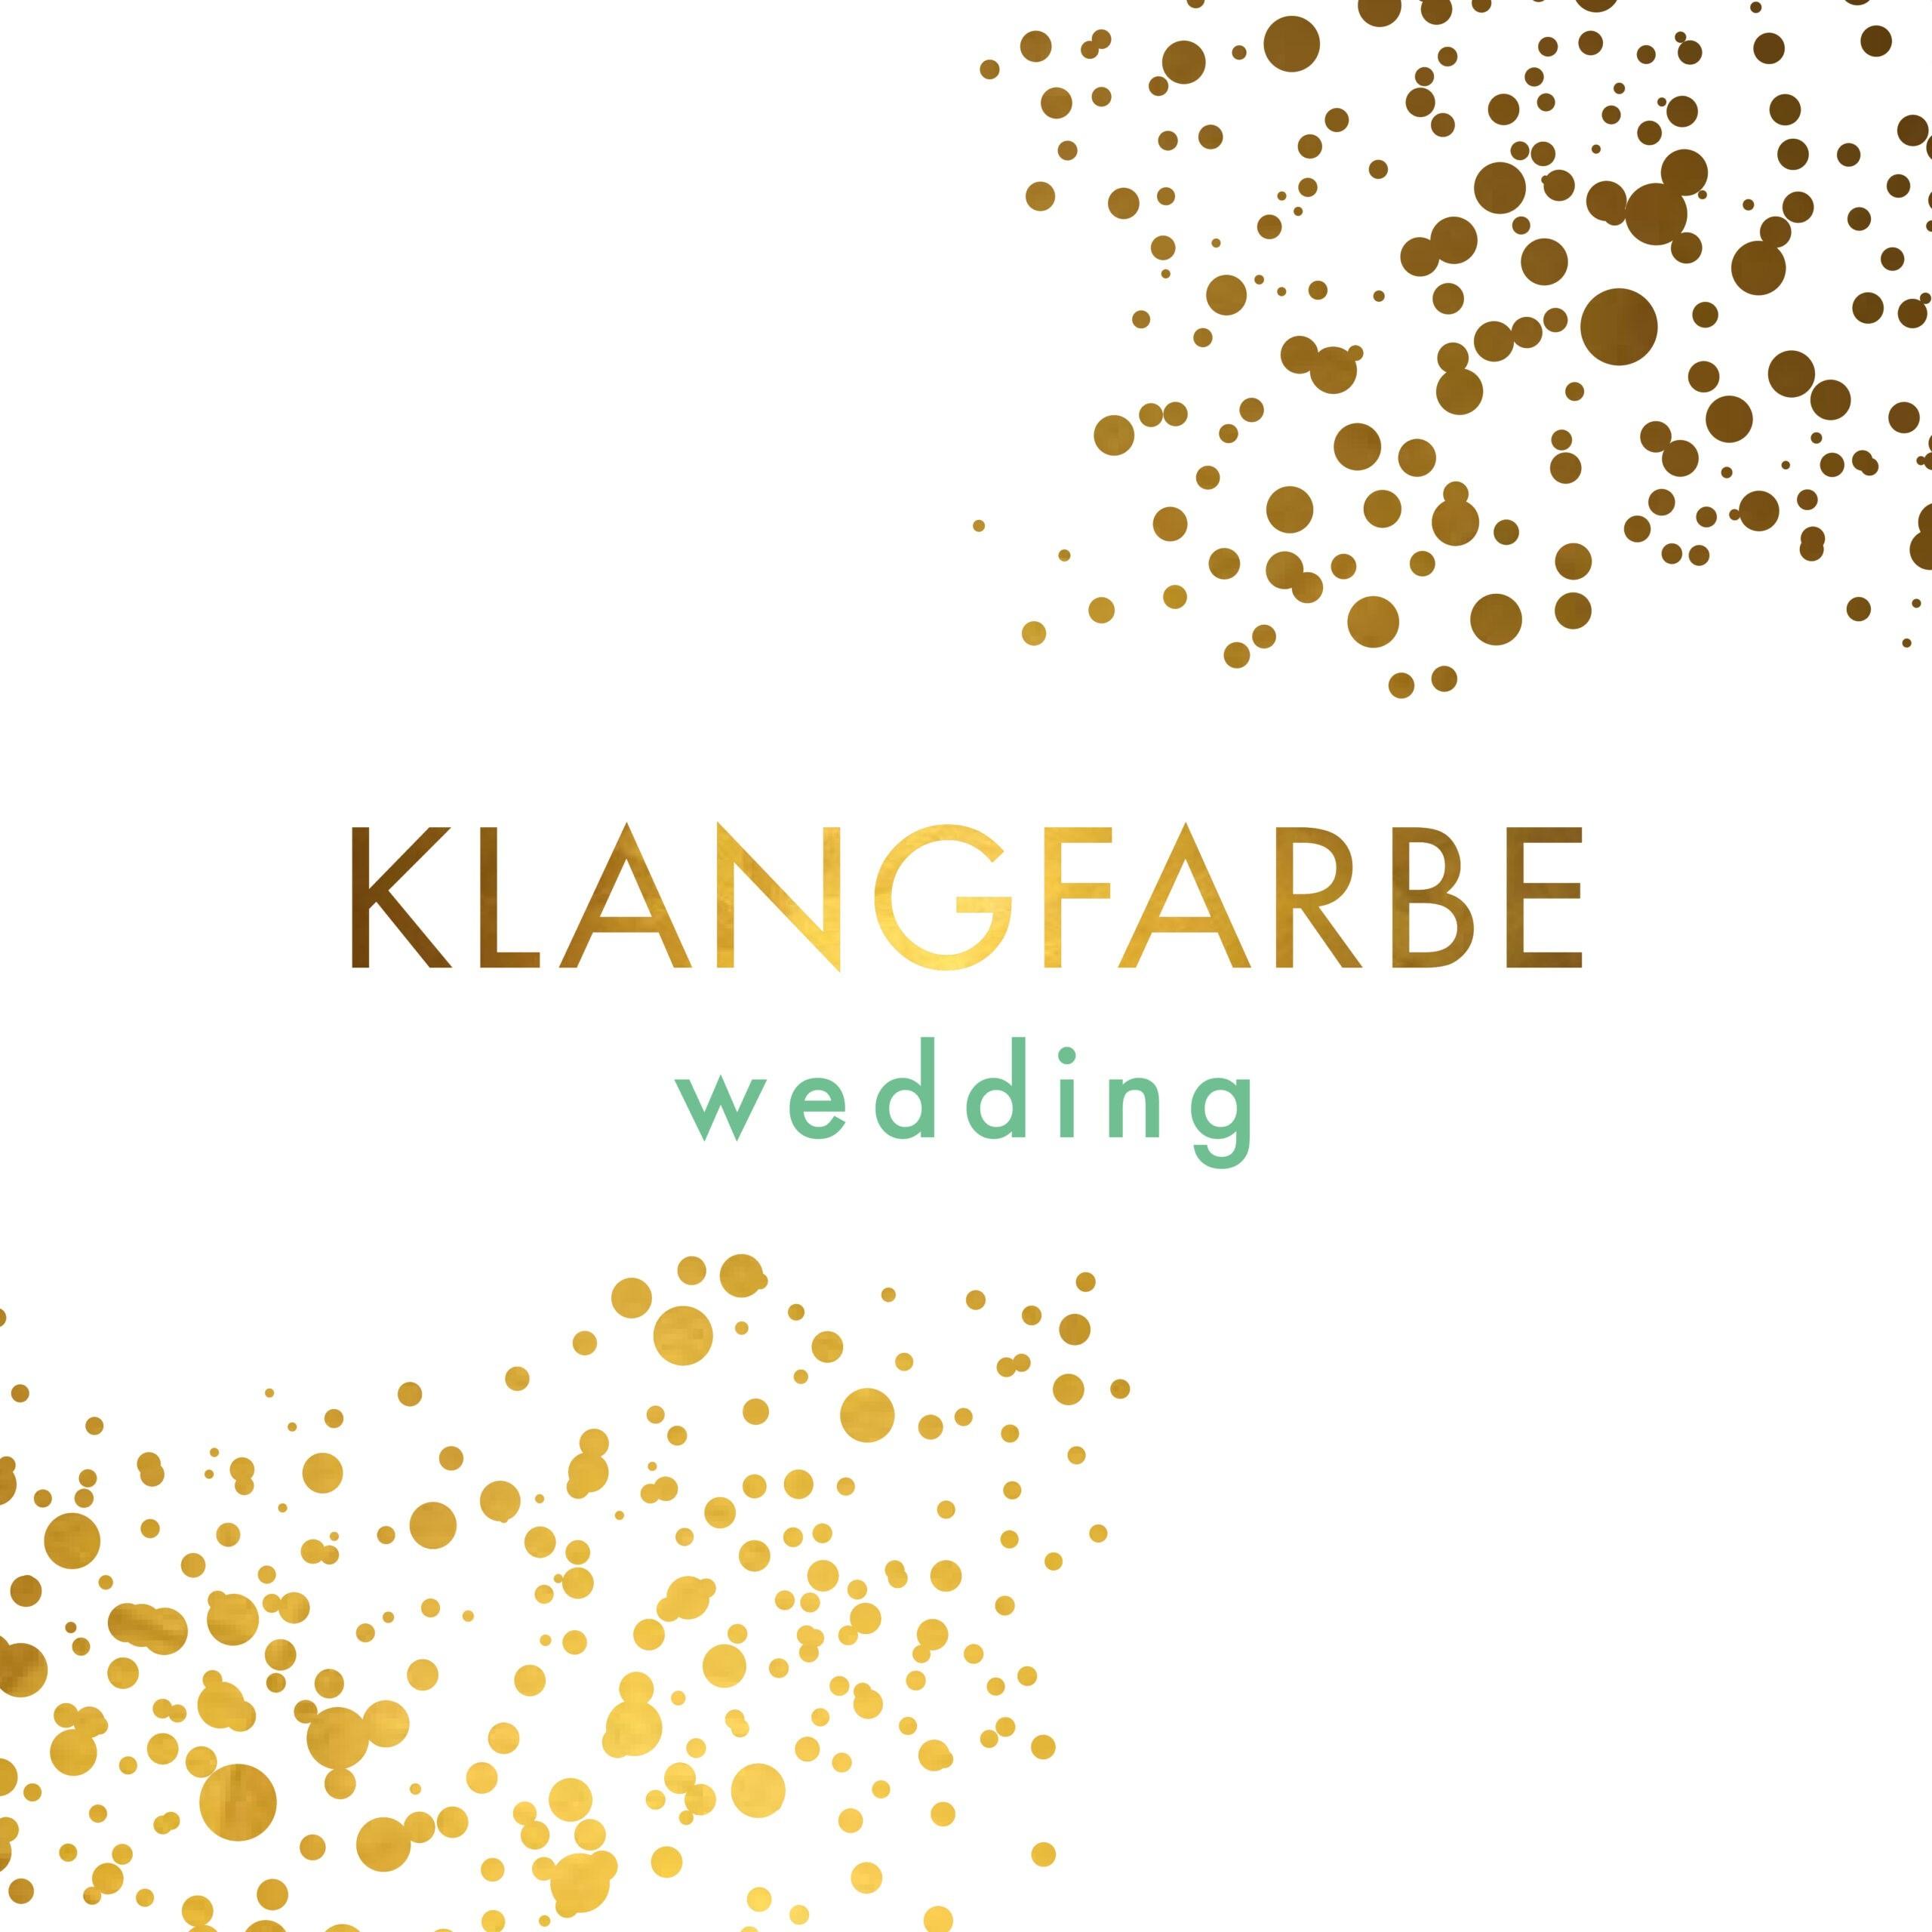 KLANGFARBEwedding